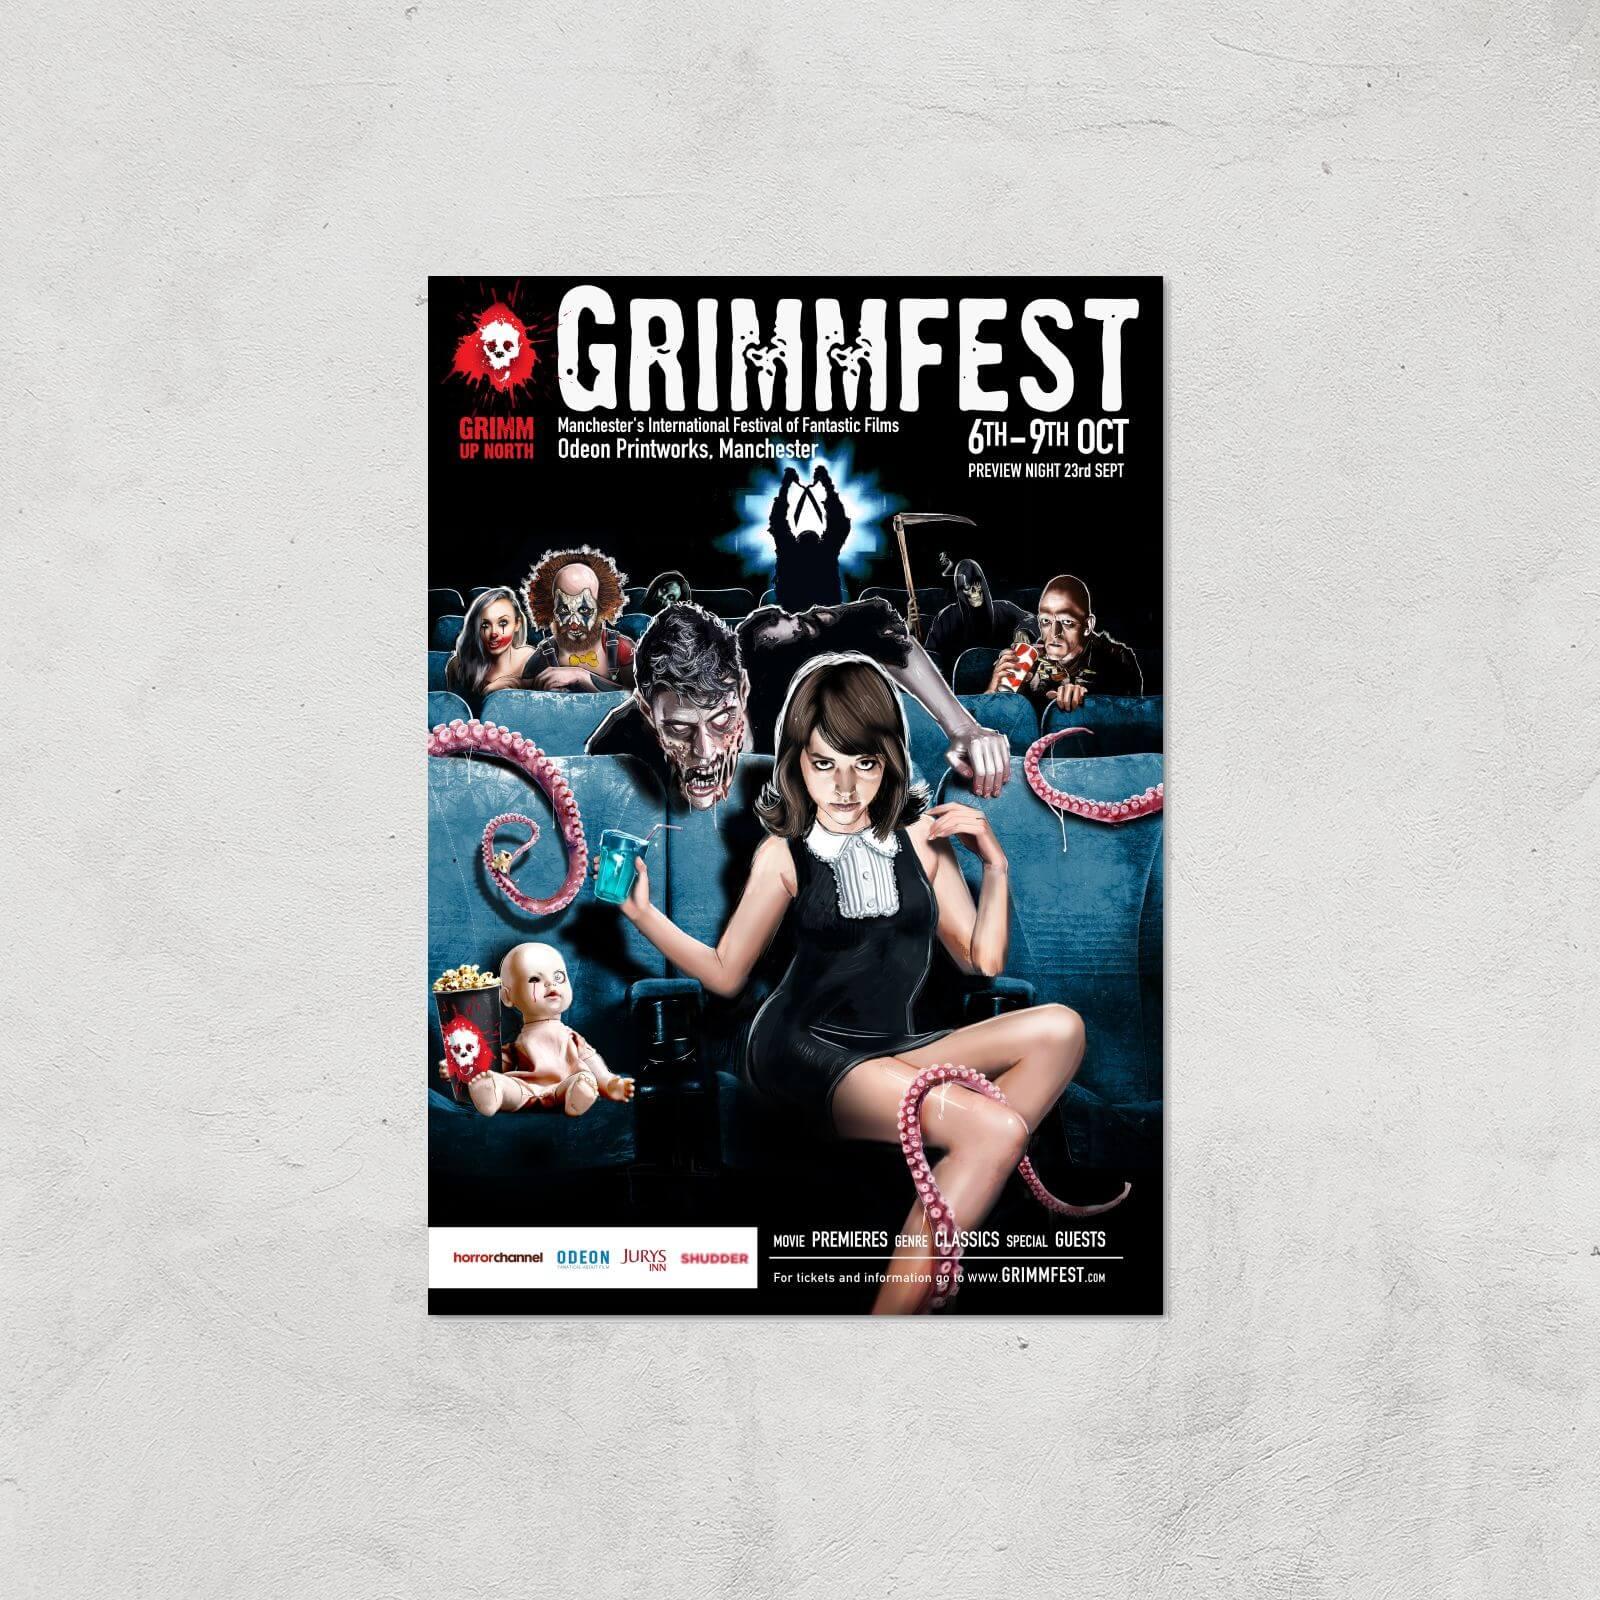 Grimmfest 2016 Giclée Art Print - A4 - Print Only